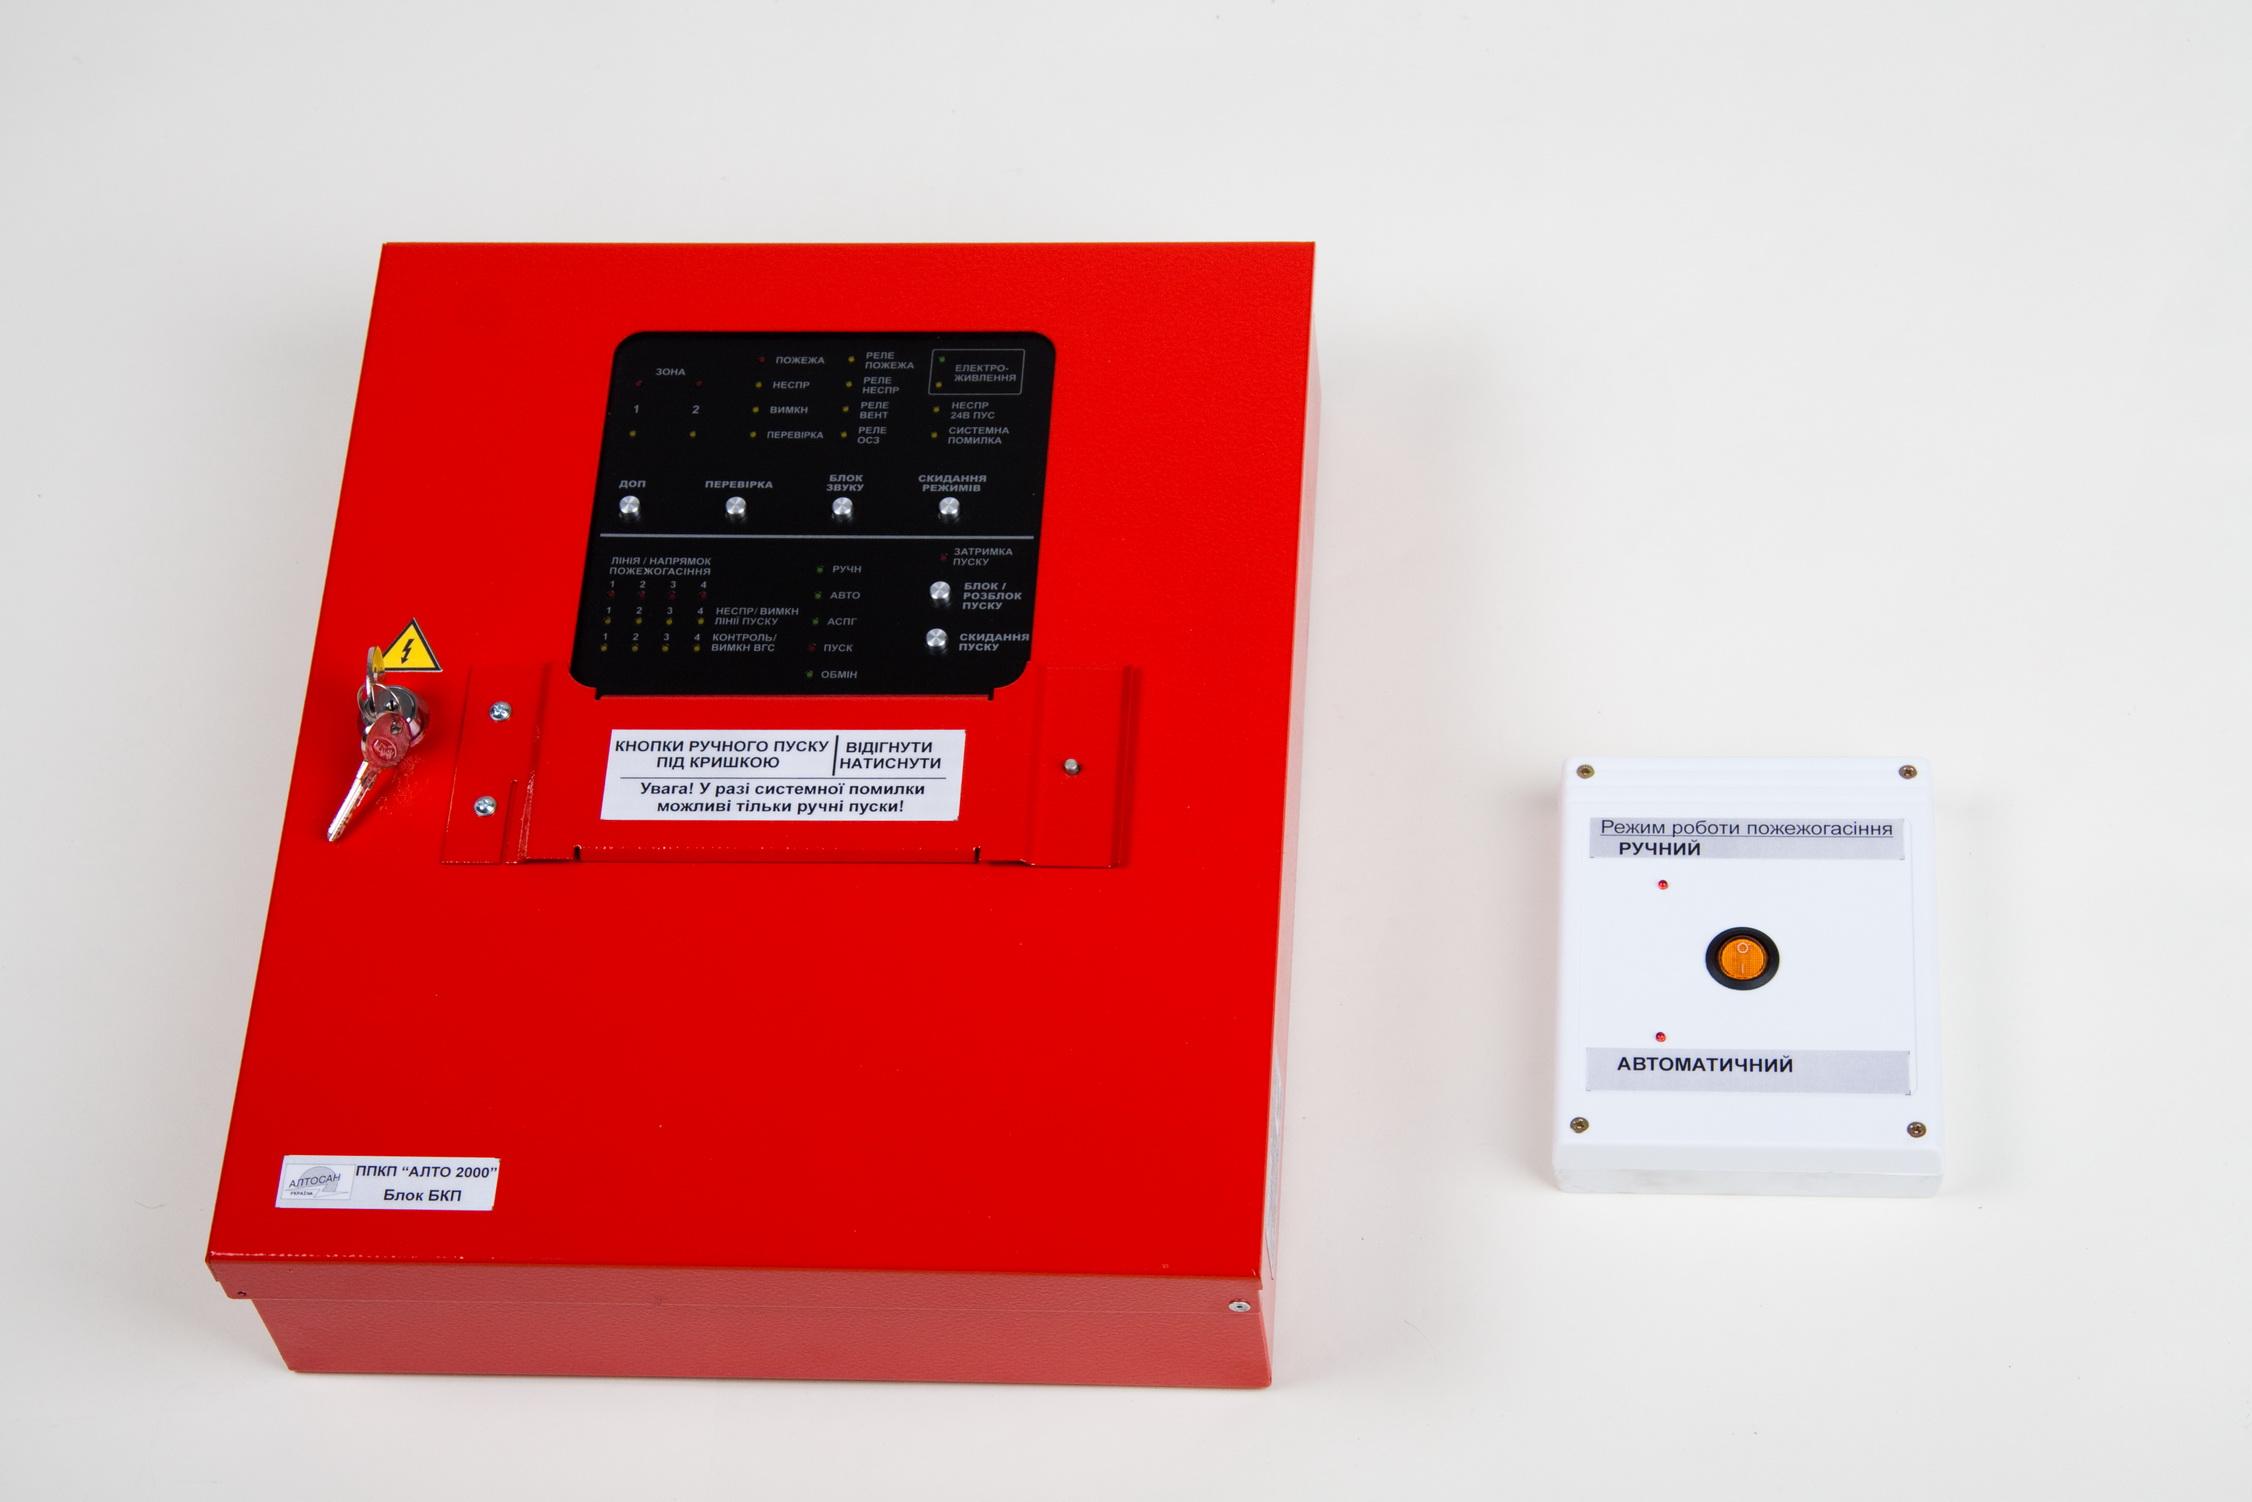 """Алтосан Блок """"АЛТО БКП"""" Блок контрольно пусковой Алто 2000 БКП может работать как автономный прибор управления пожарный с функциями ППКП и обеспечивает"""